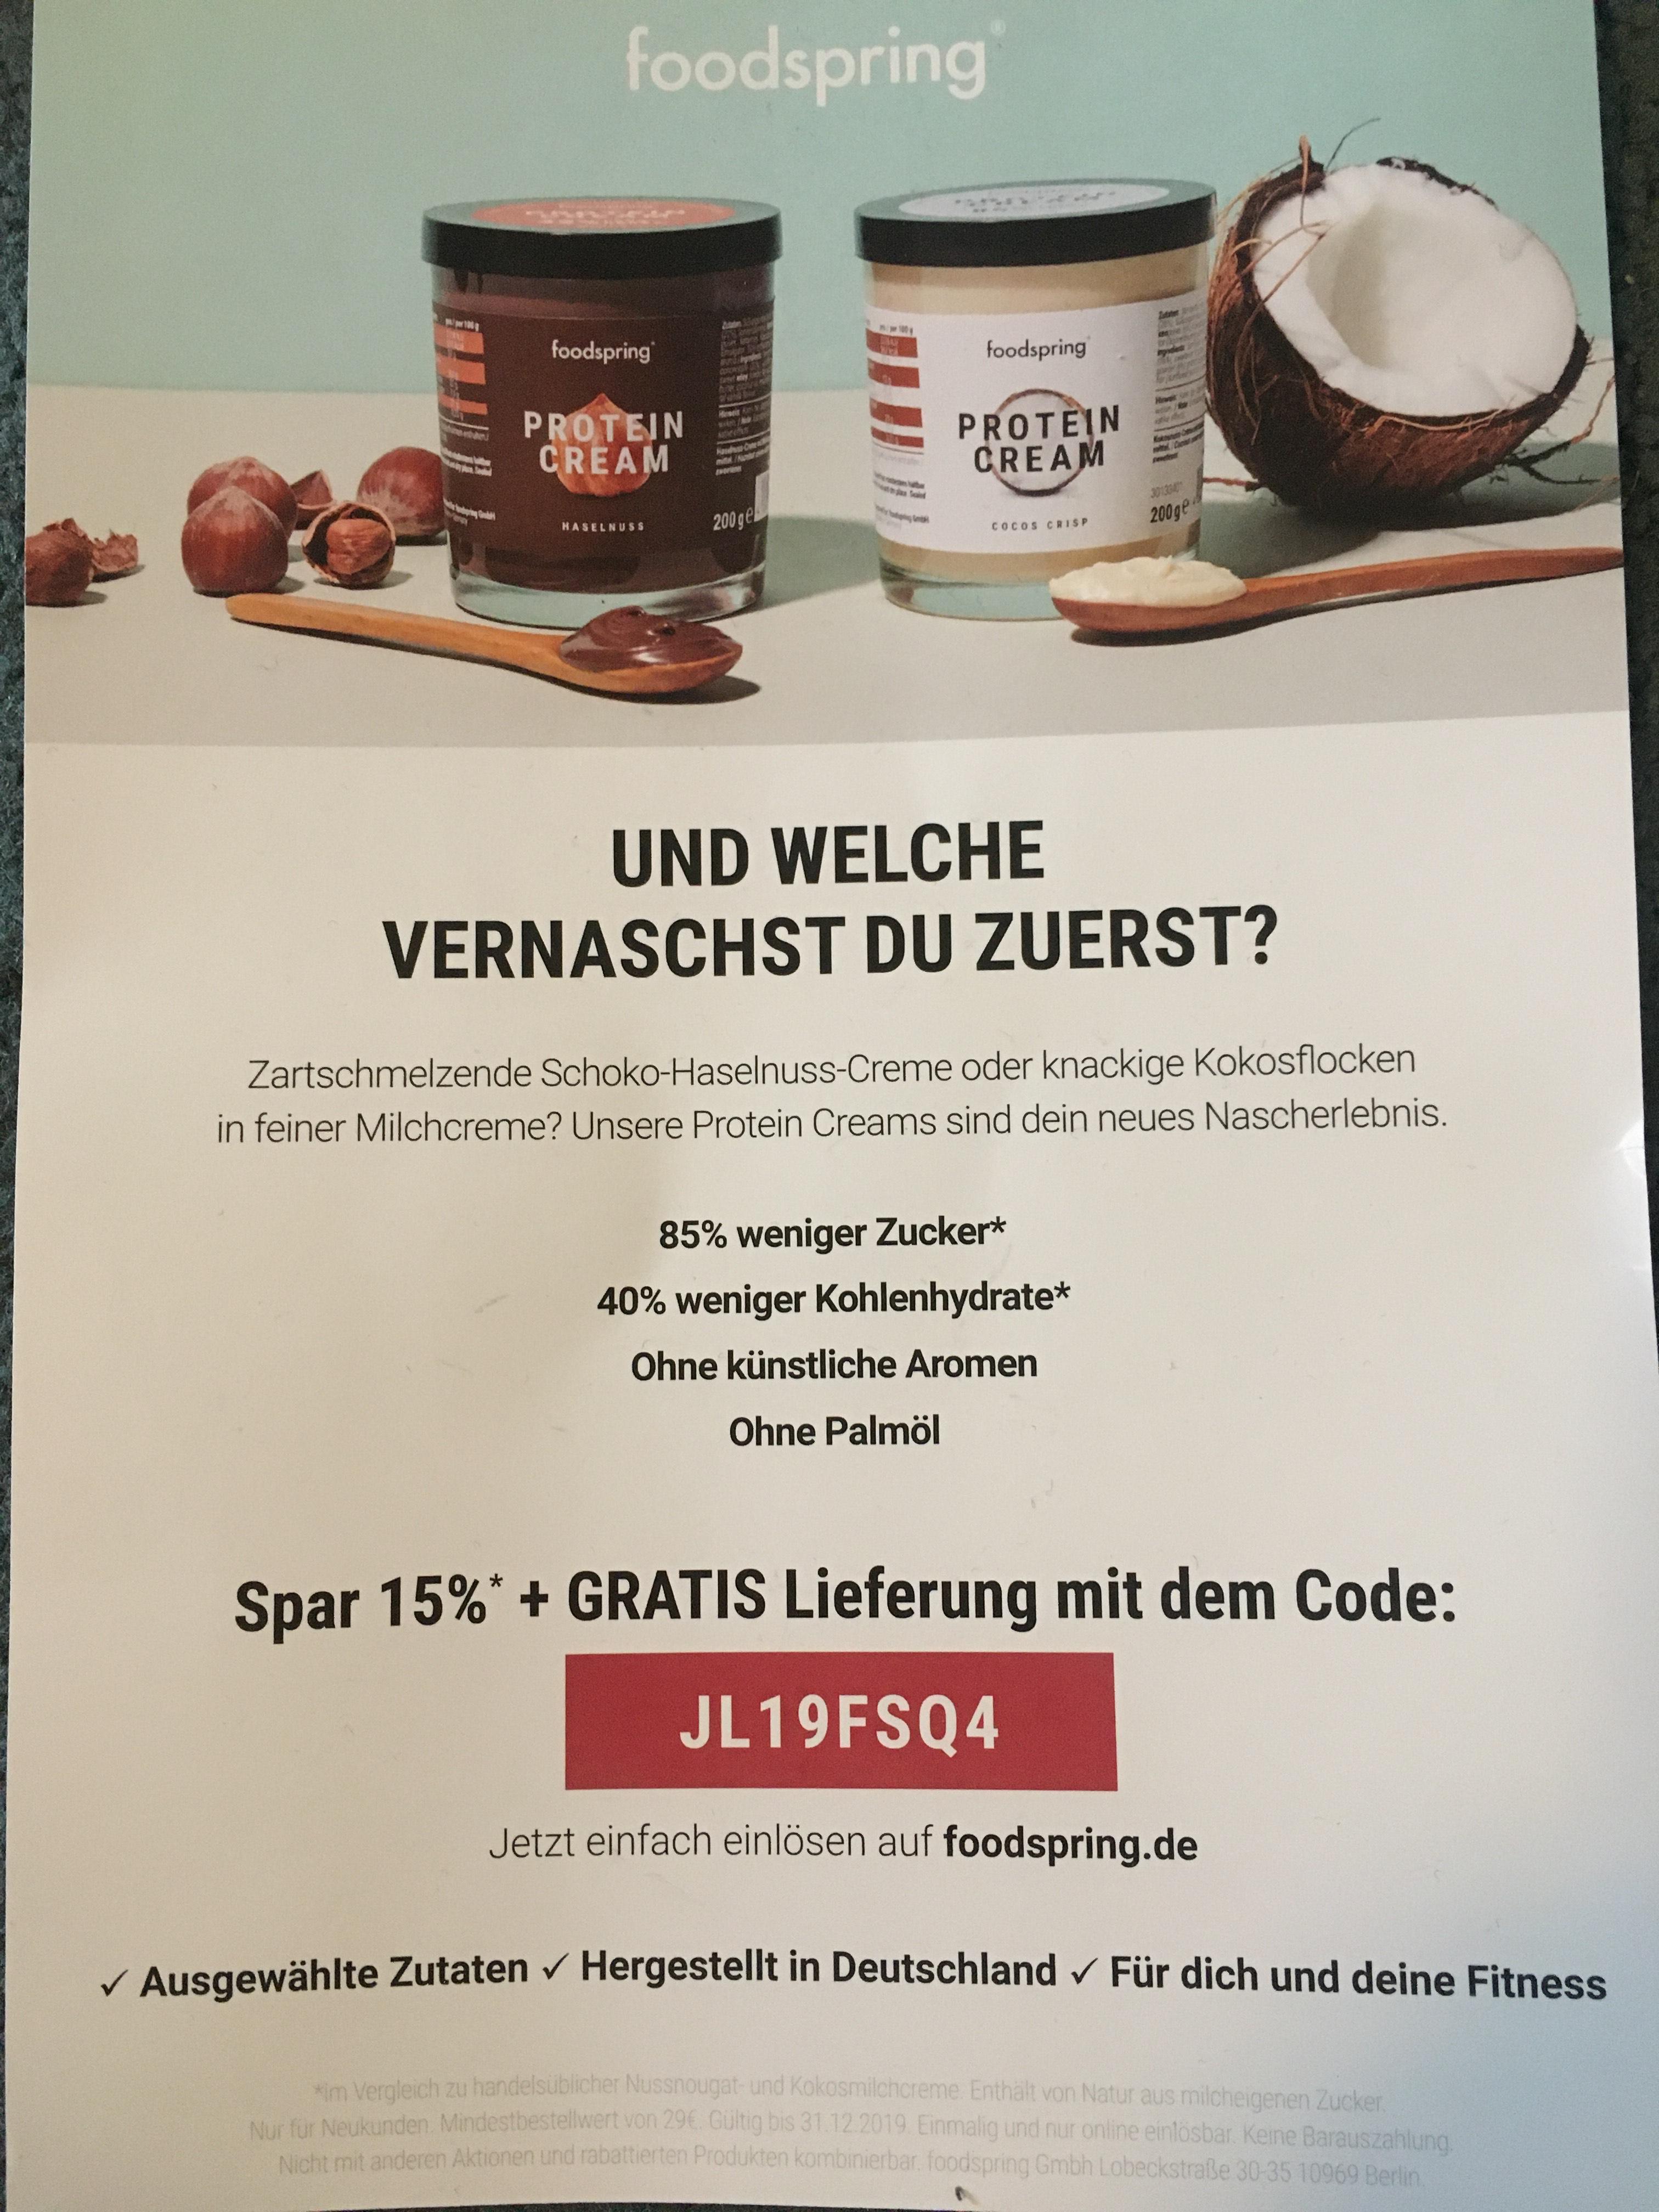 Foodspring Gutschein - 15% Rabatt+ GRATIS Lieferung